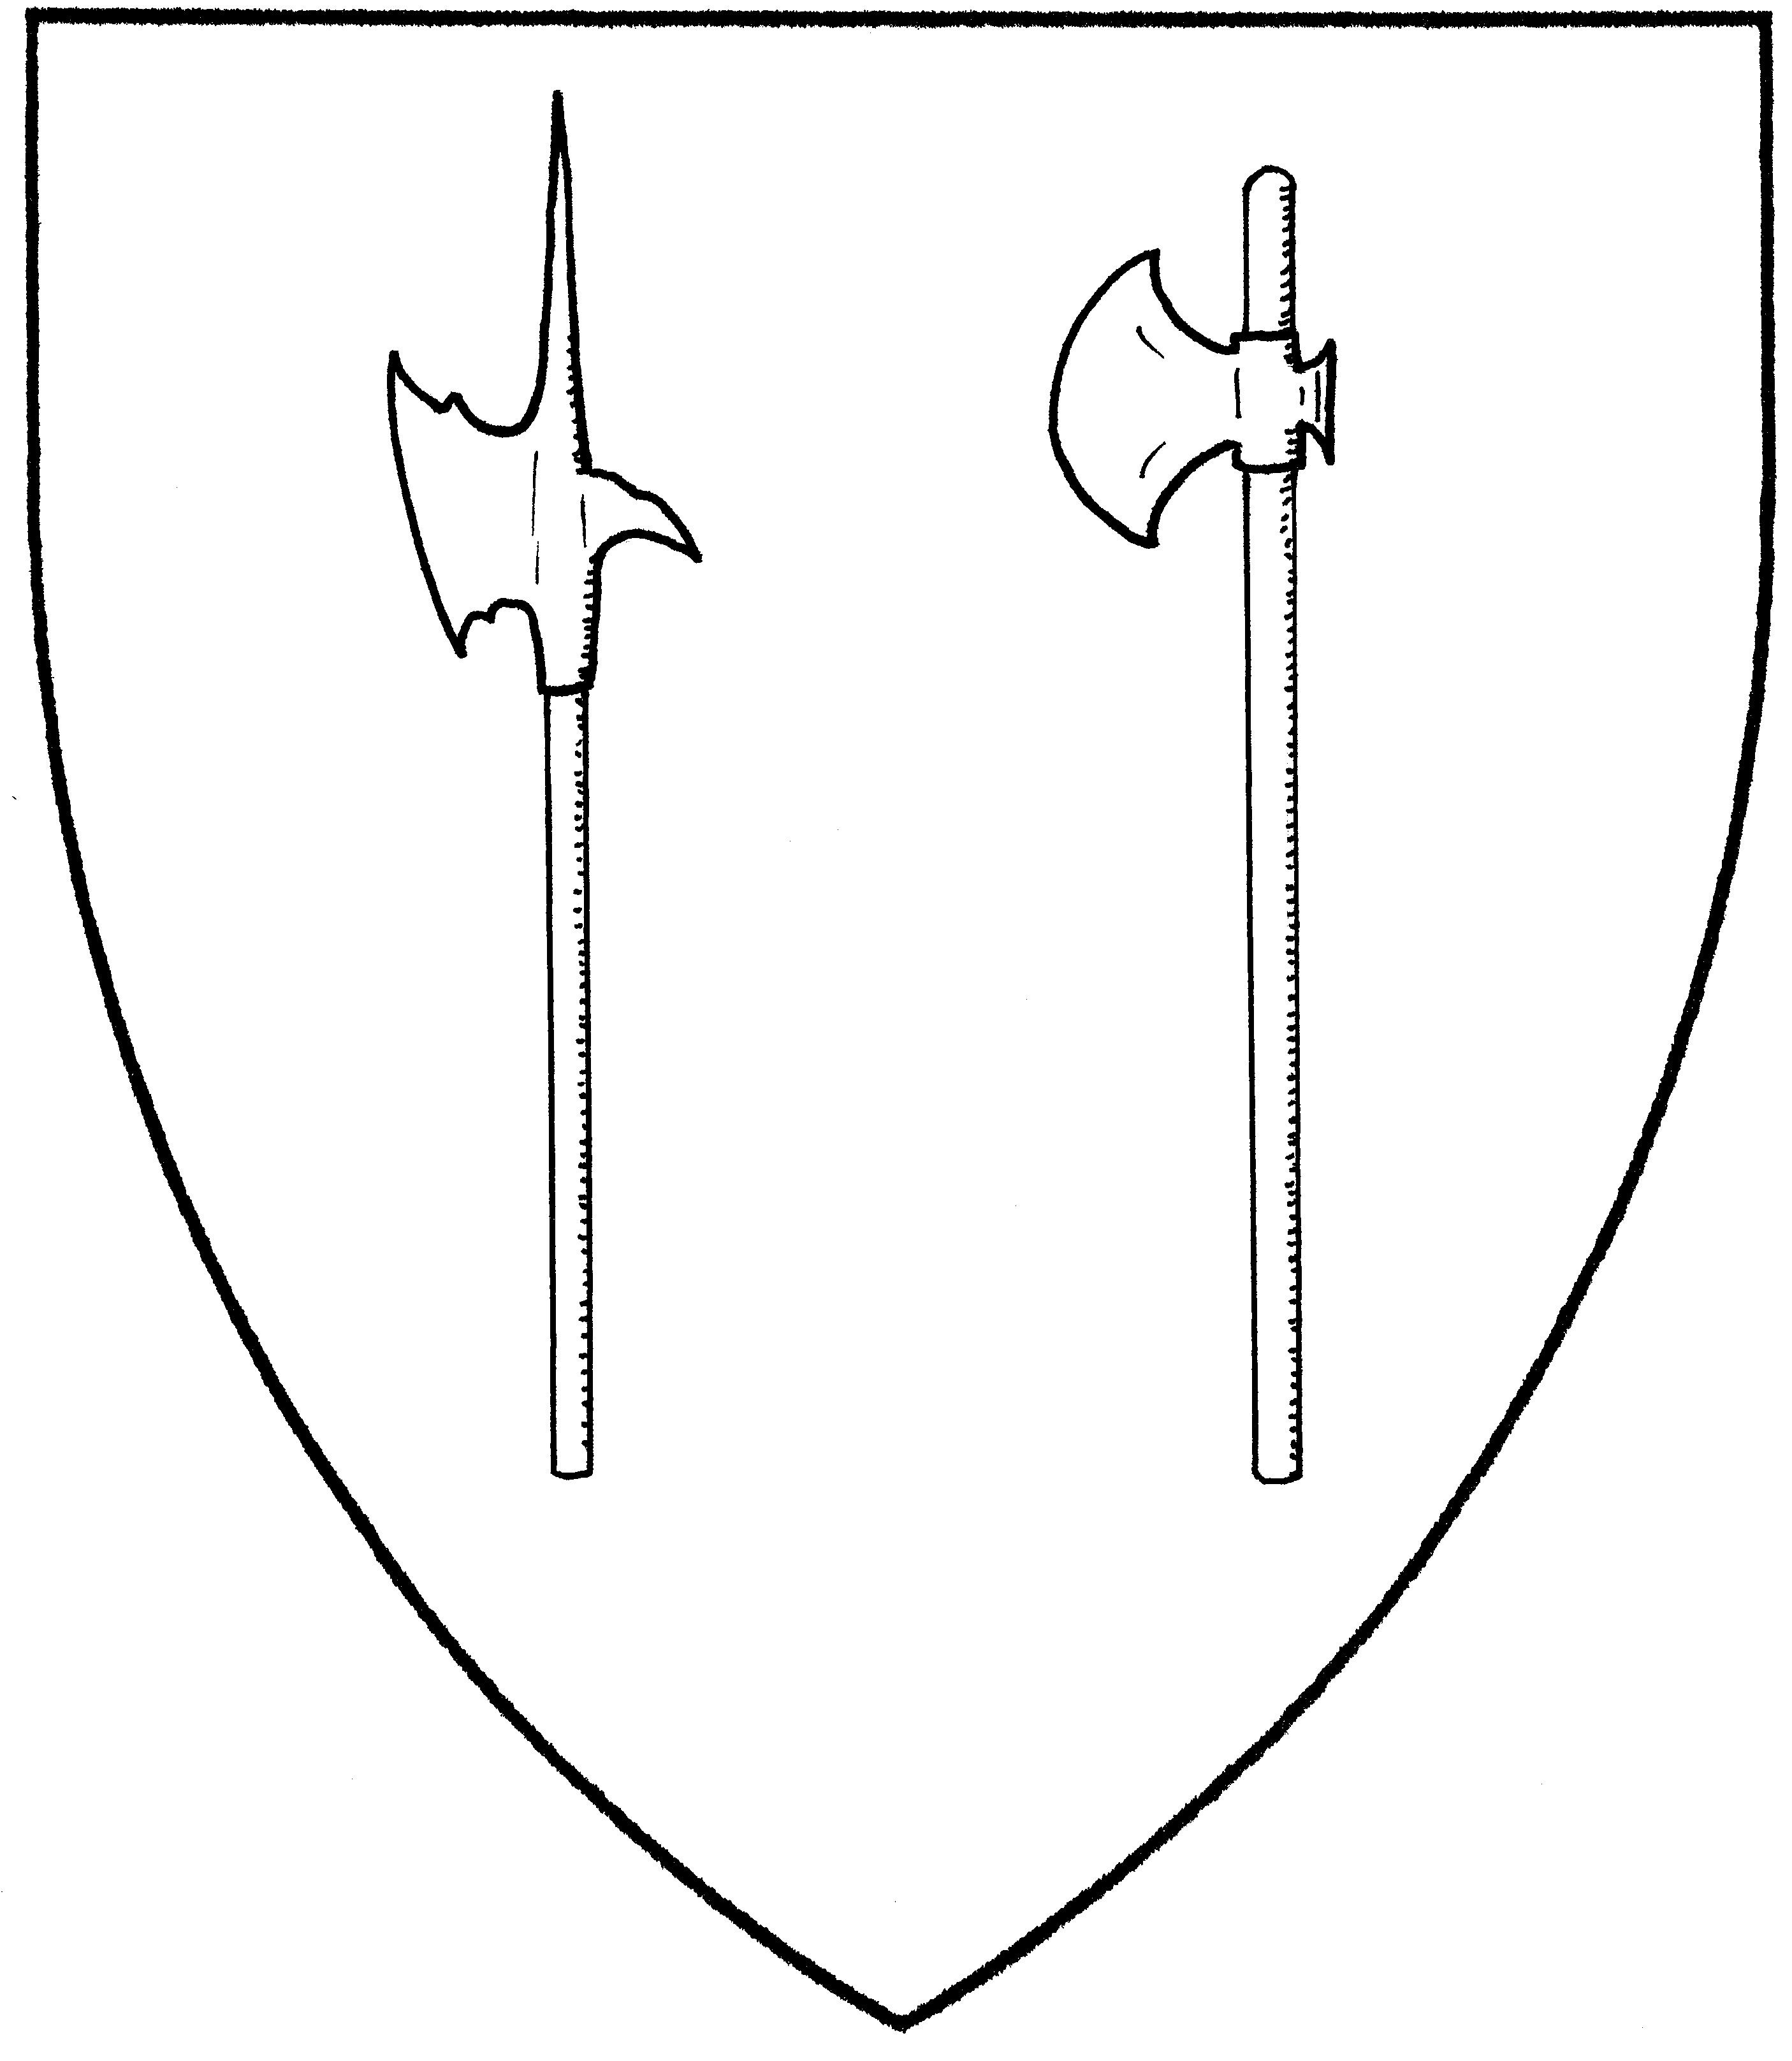 Drawn axe heraldic (Period) Mistholme arm (Period); pole